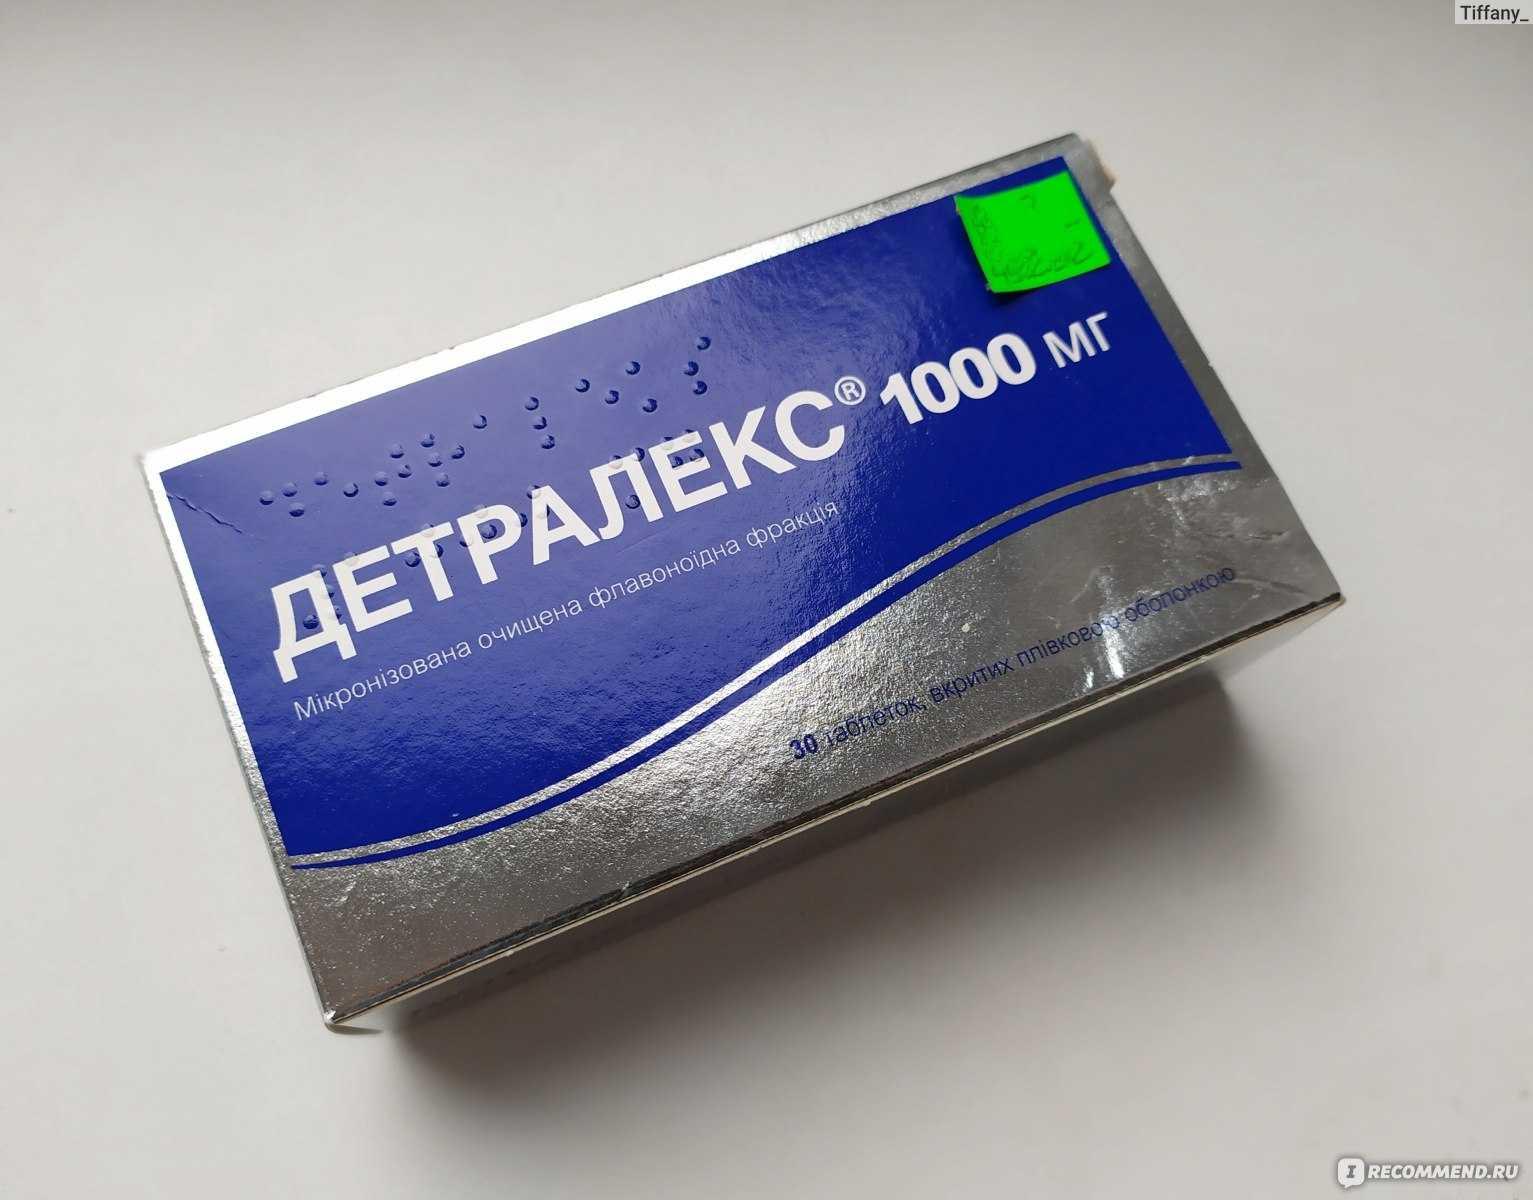 Таблетки детралекс: инструкция по применению при варикозе